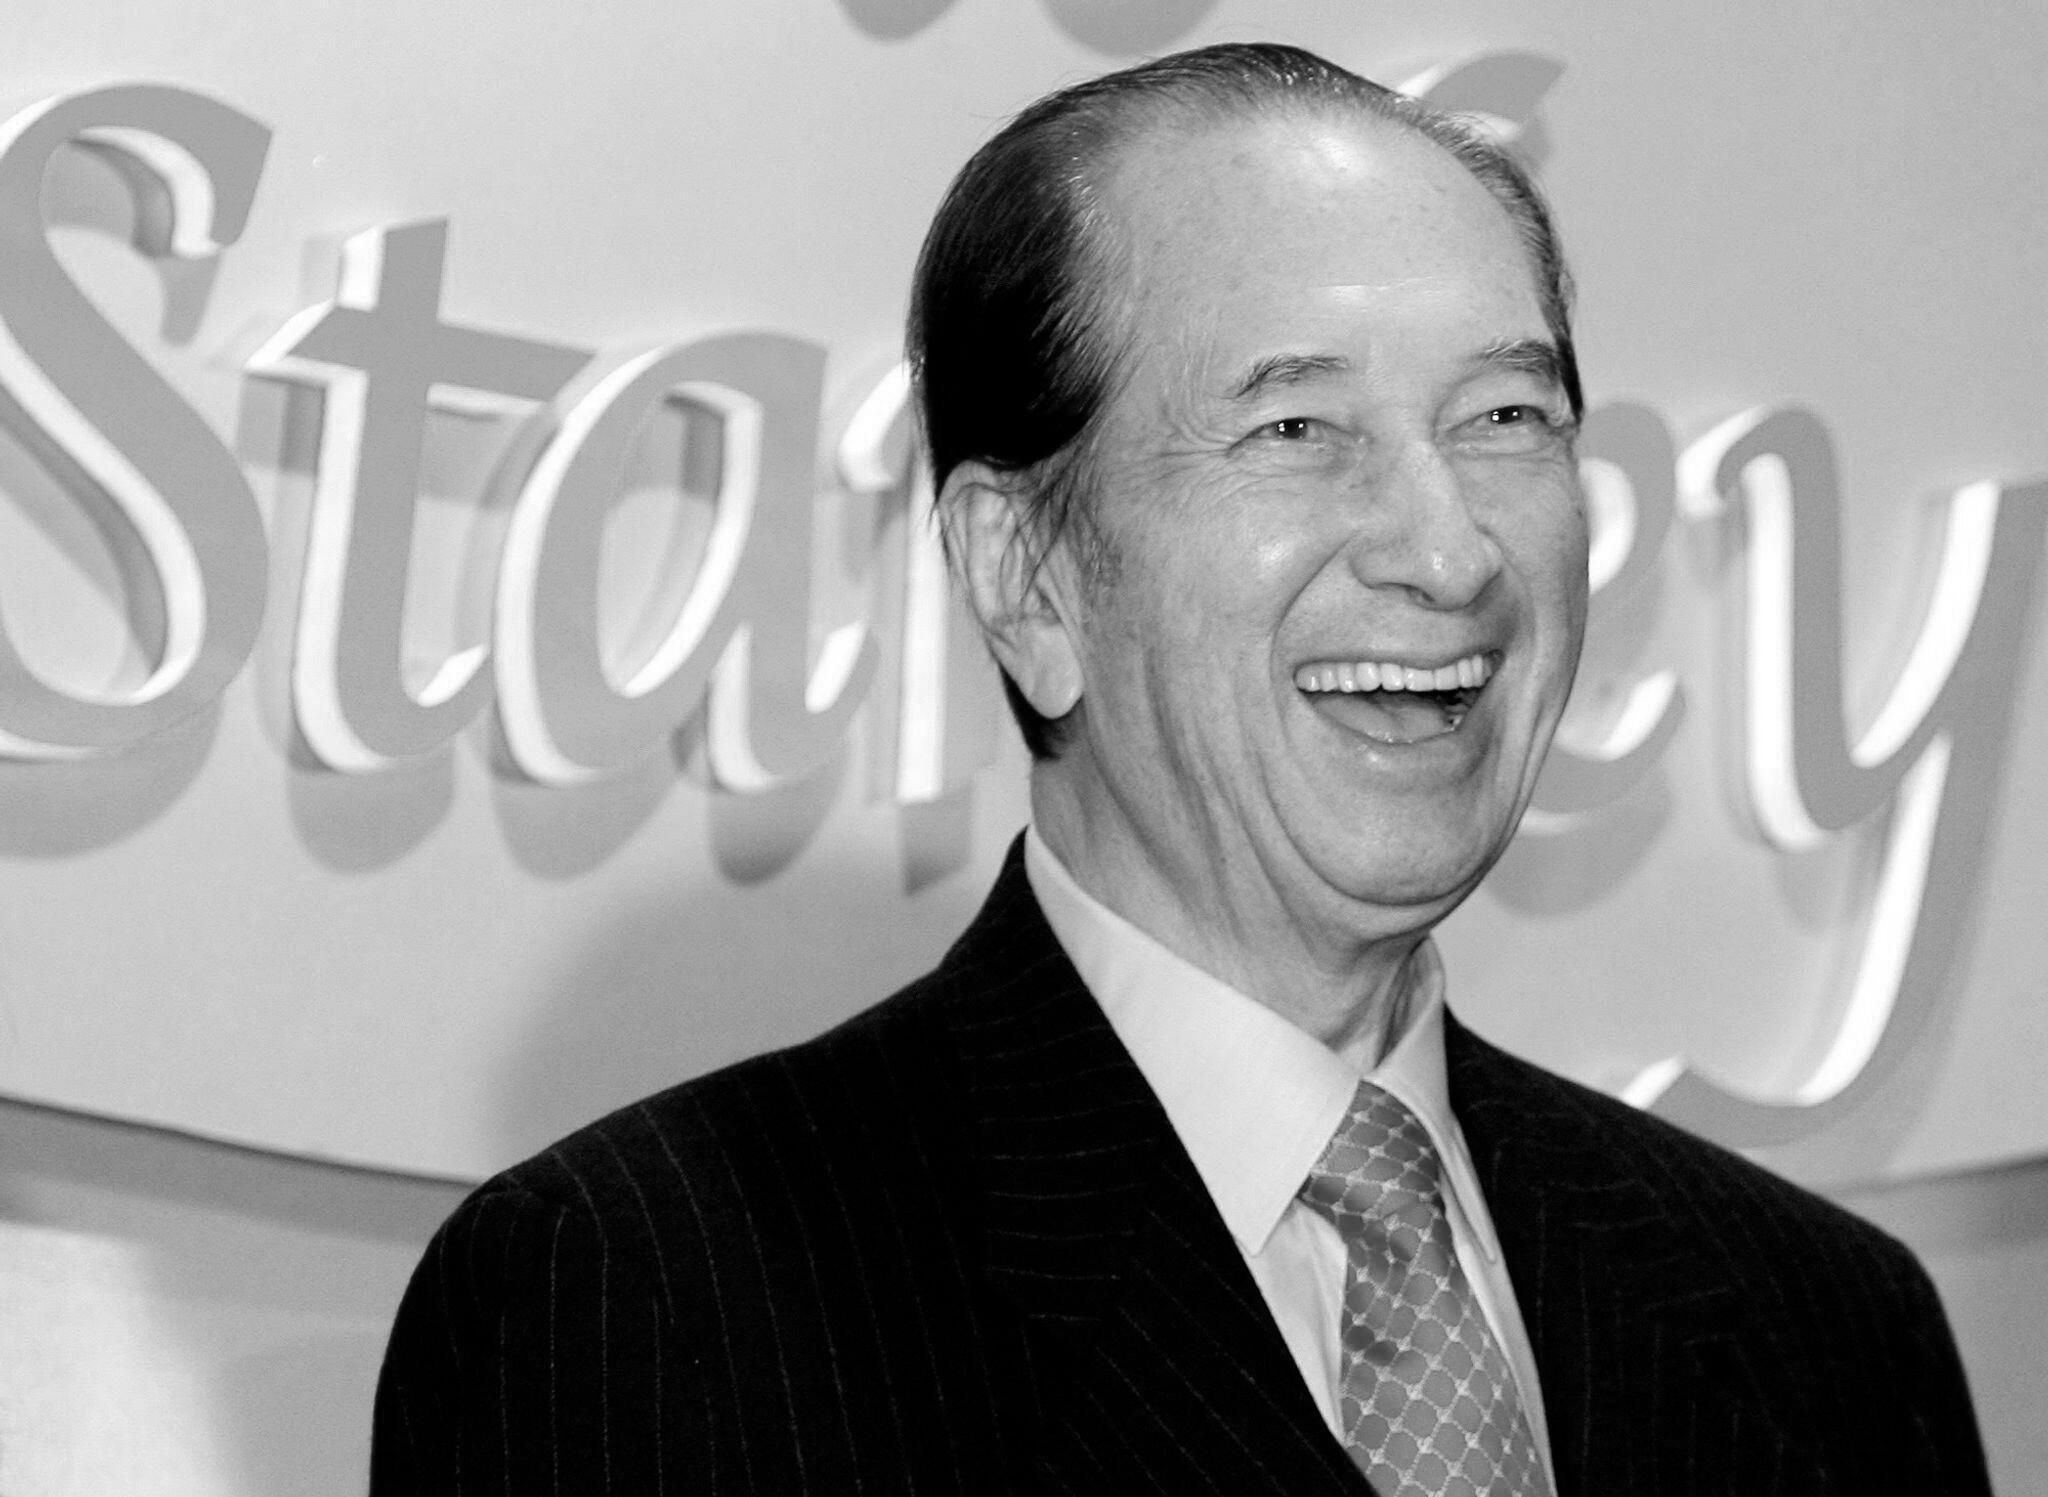 Bild zu Macaos Glücksspiel-Tycoon Ho gestorben